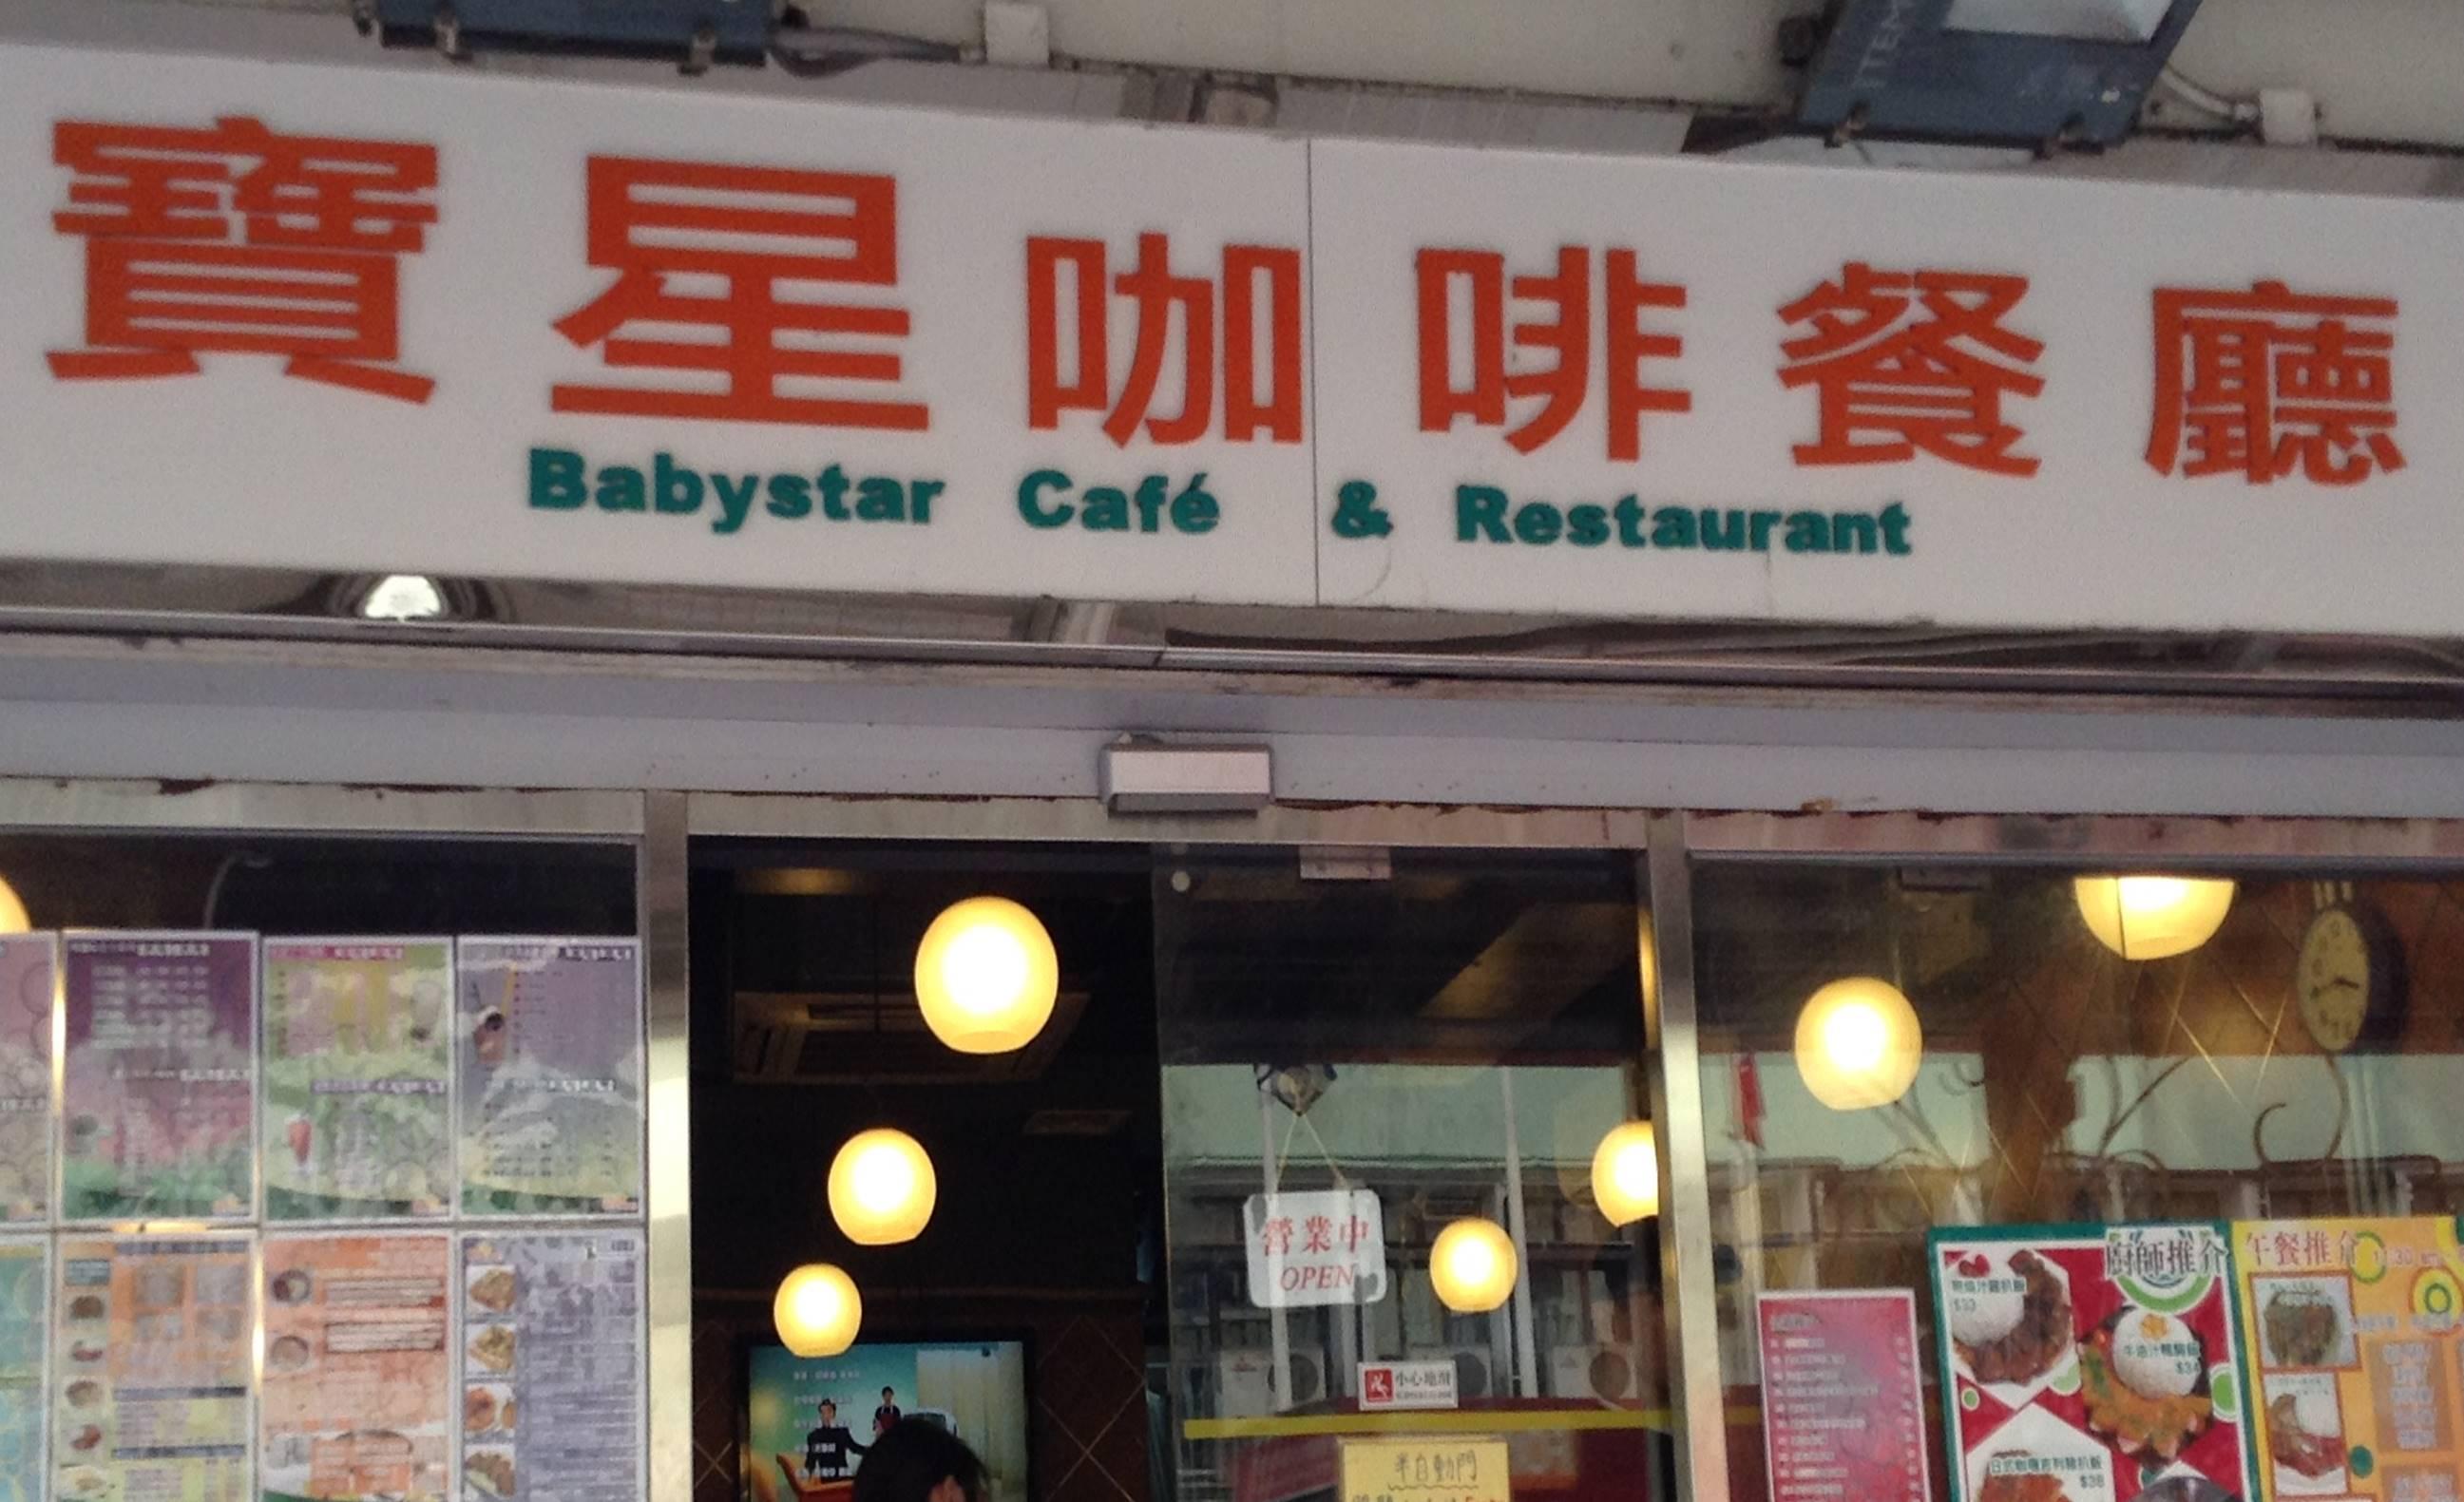 寶星咖啡餐廳